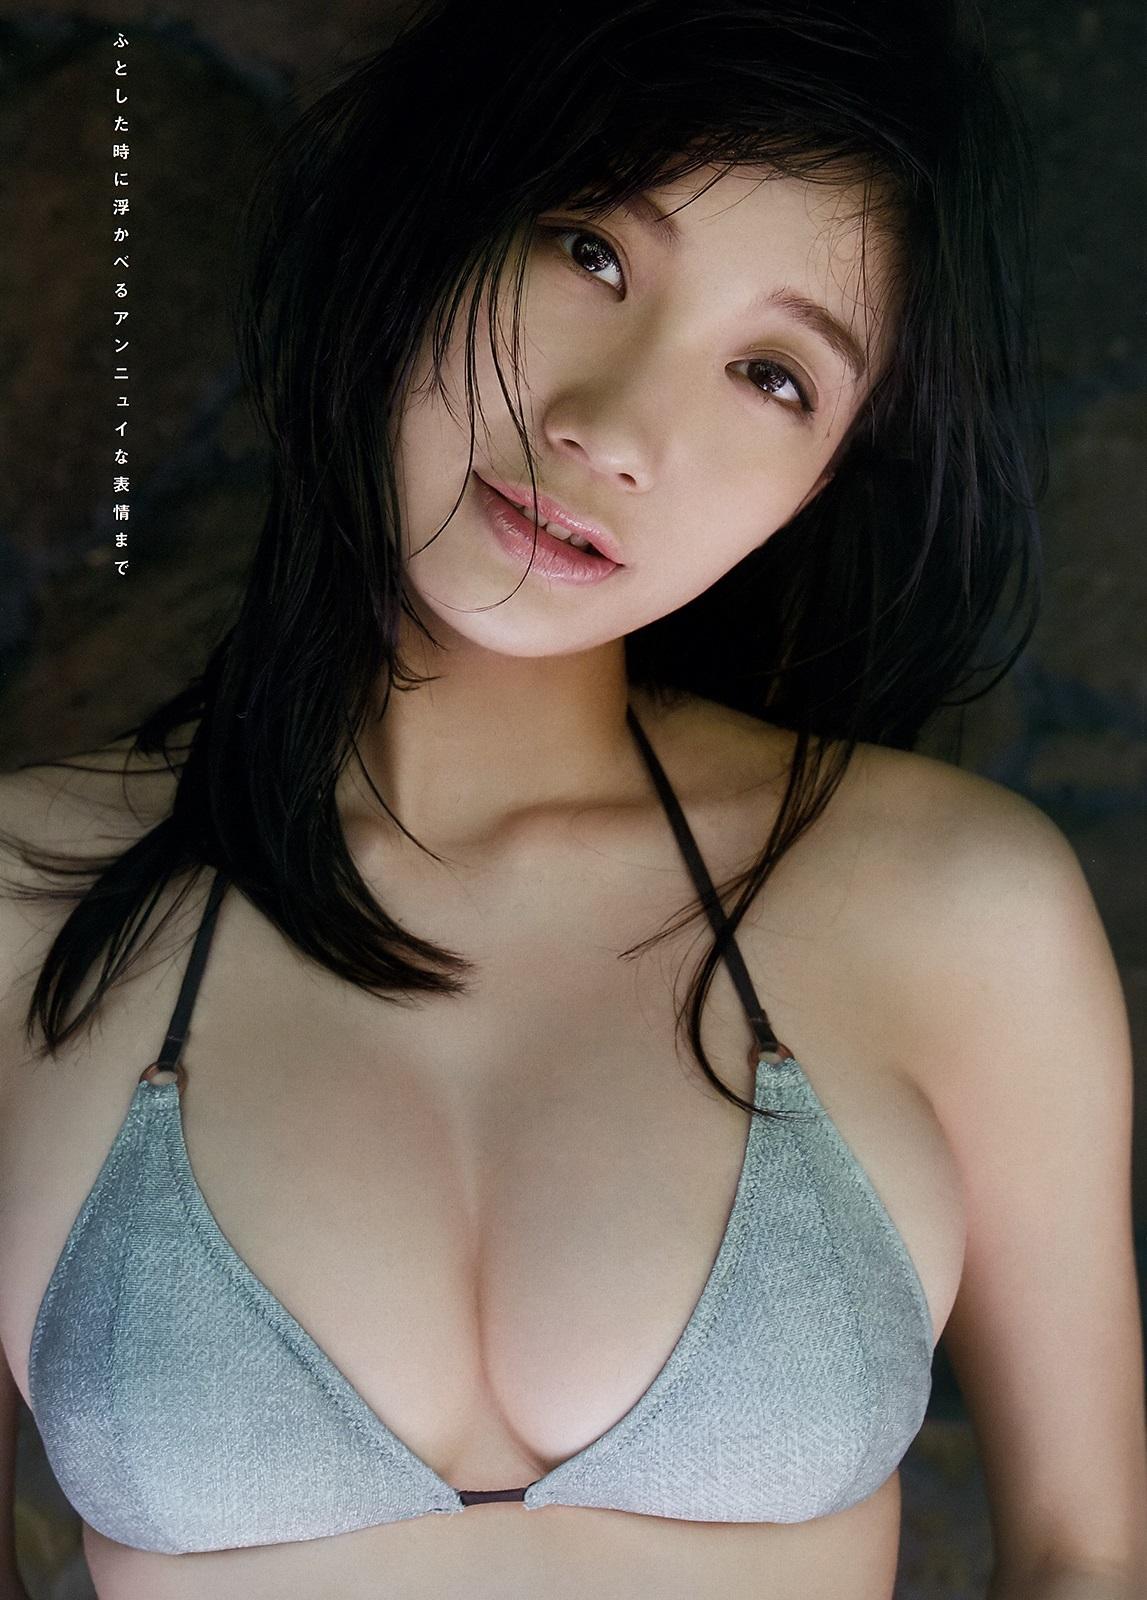 ogura_yuuka115.jpg